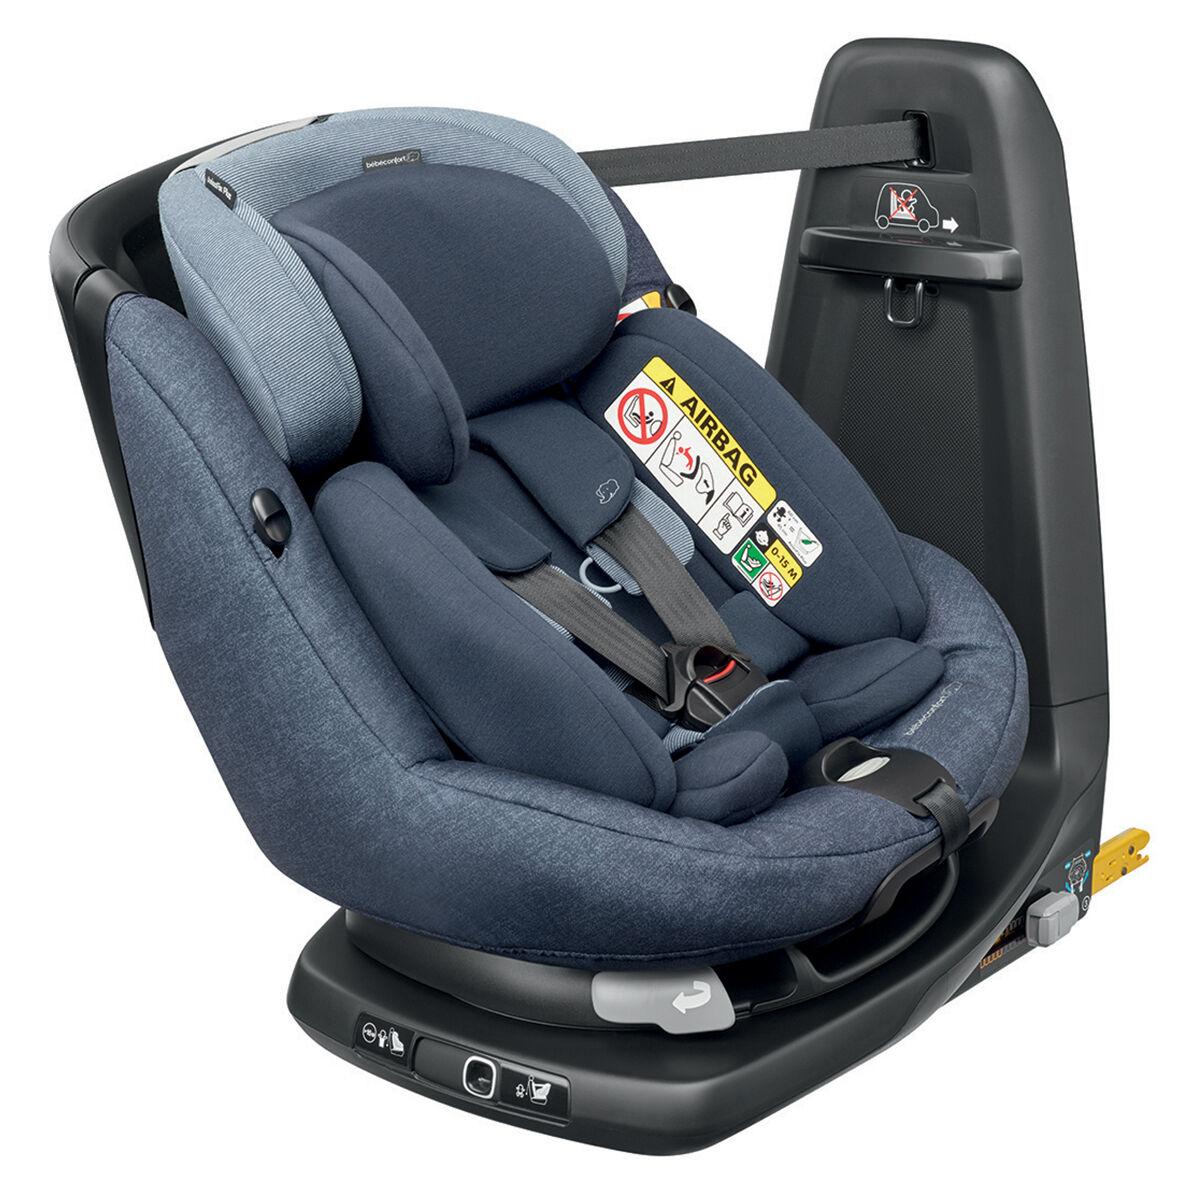 Bébé Confort Siège Auto AxissFix Plus i-Size Groupe 0+/1 - Nomad Blue